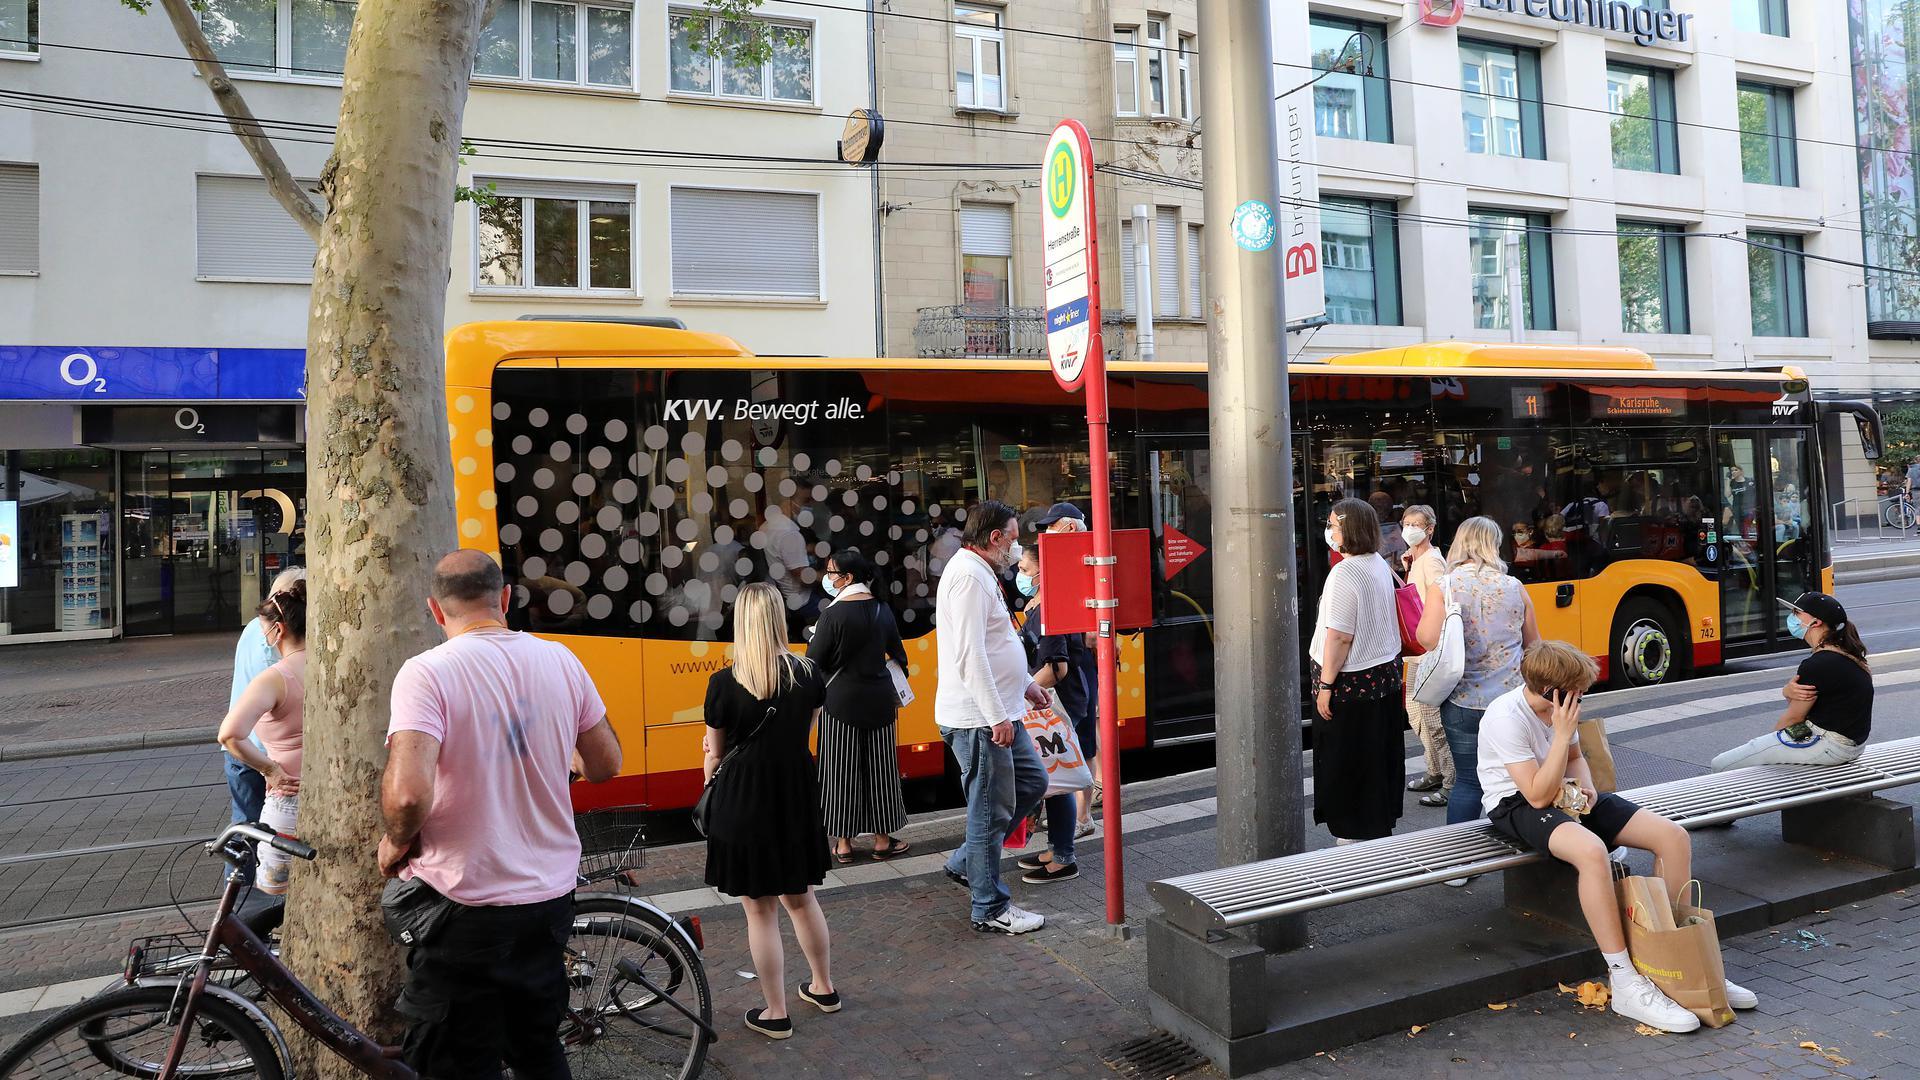 Ersatzverkehr: Am Abend müssen die Fahrgäste wie hier an der Haltestelle Herrenstraße in Busse steigen, die die wichtigsten Routen bedienen.